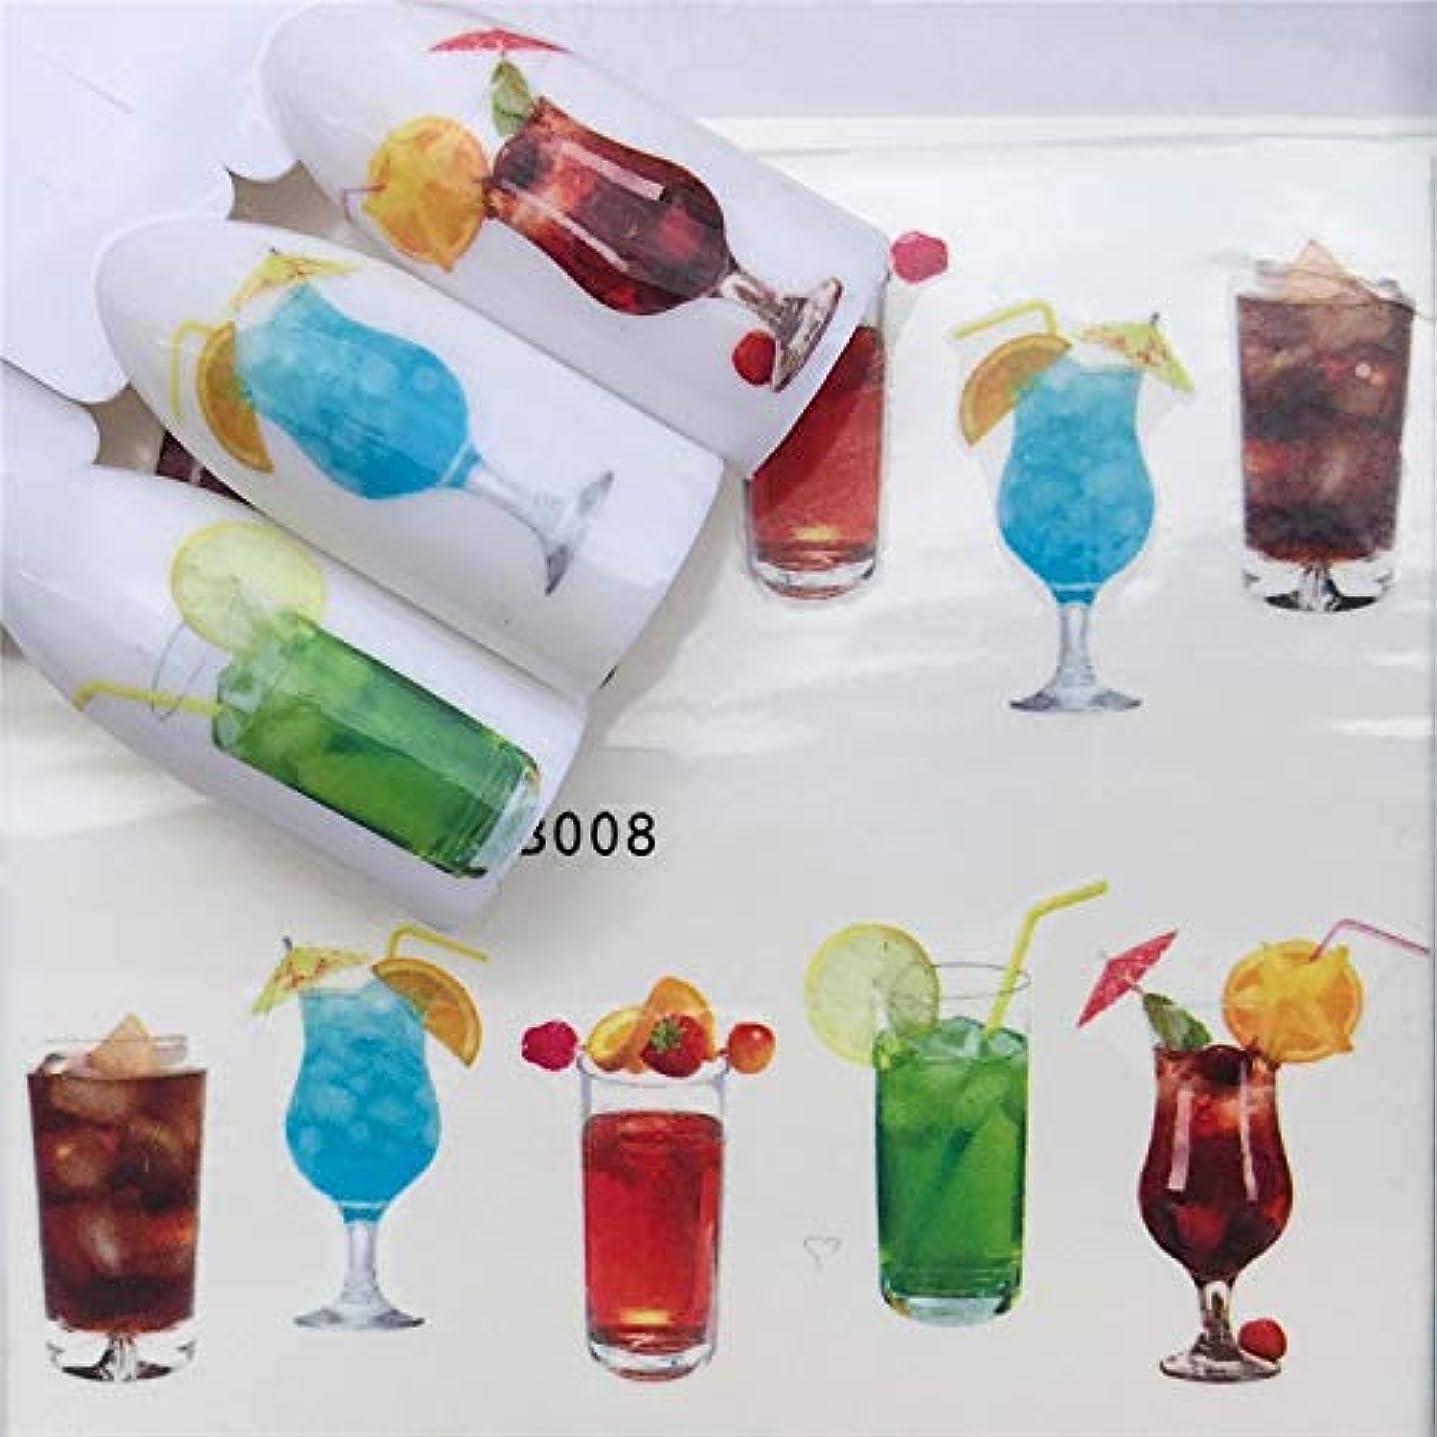 代わって添加剤料理をするビューティー&パーソナルケア 3個ネイルステッカーセットデカール水転写スライダーネイルアートデコレーション、色:YZWB008 ステッカー&デカール